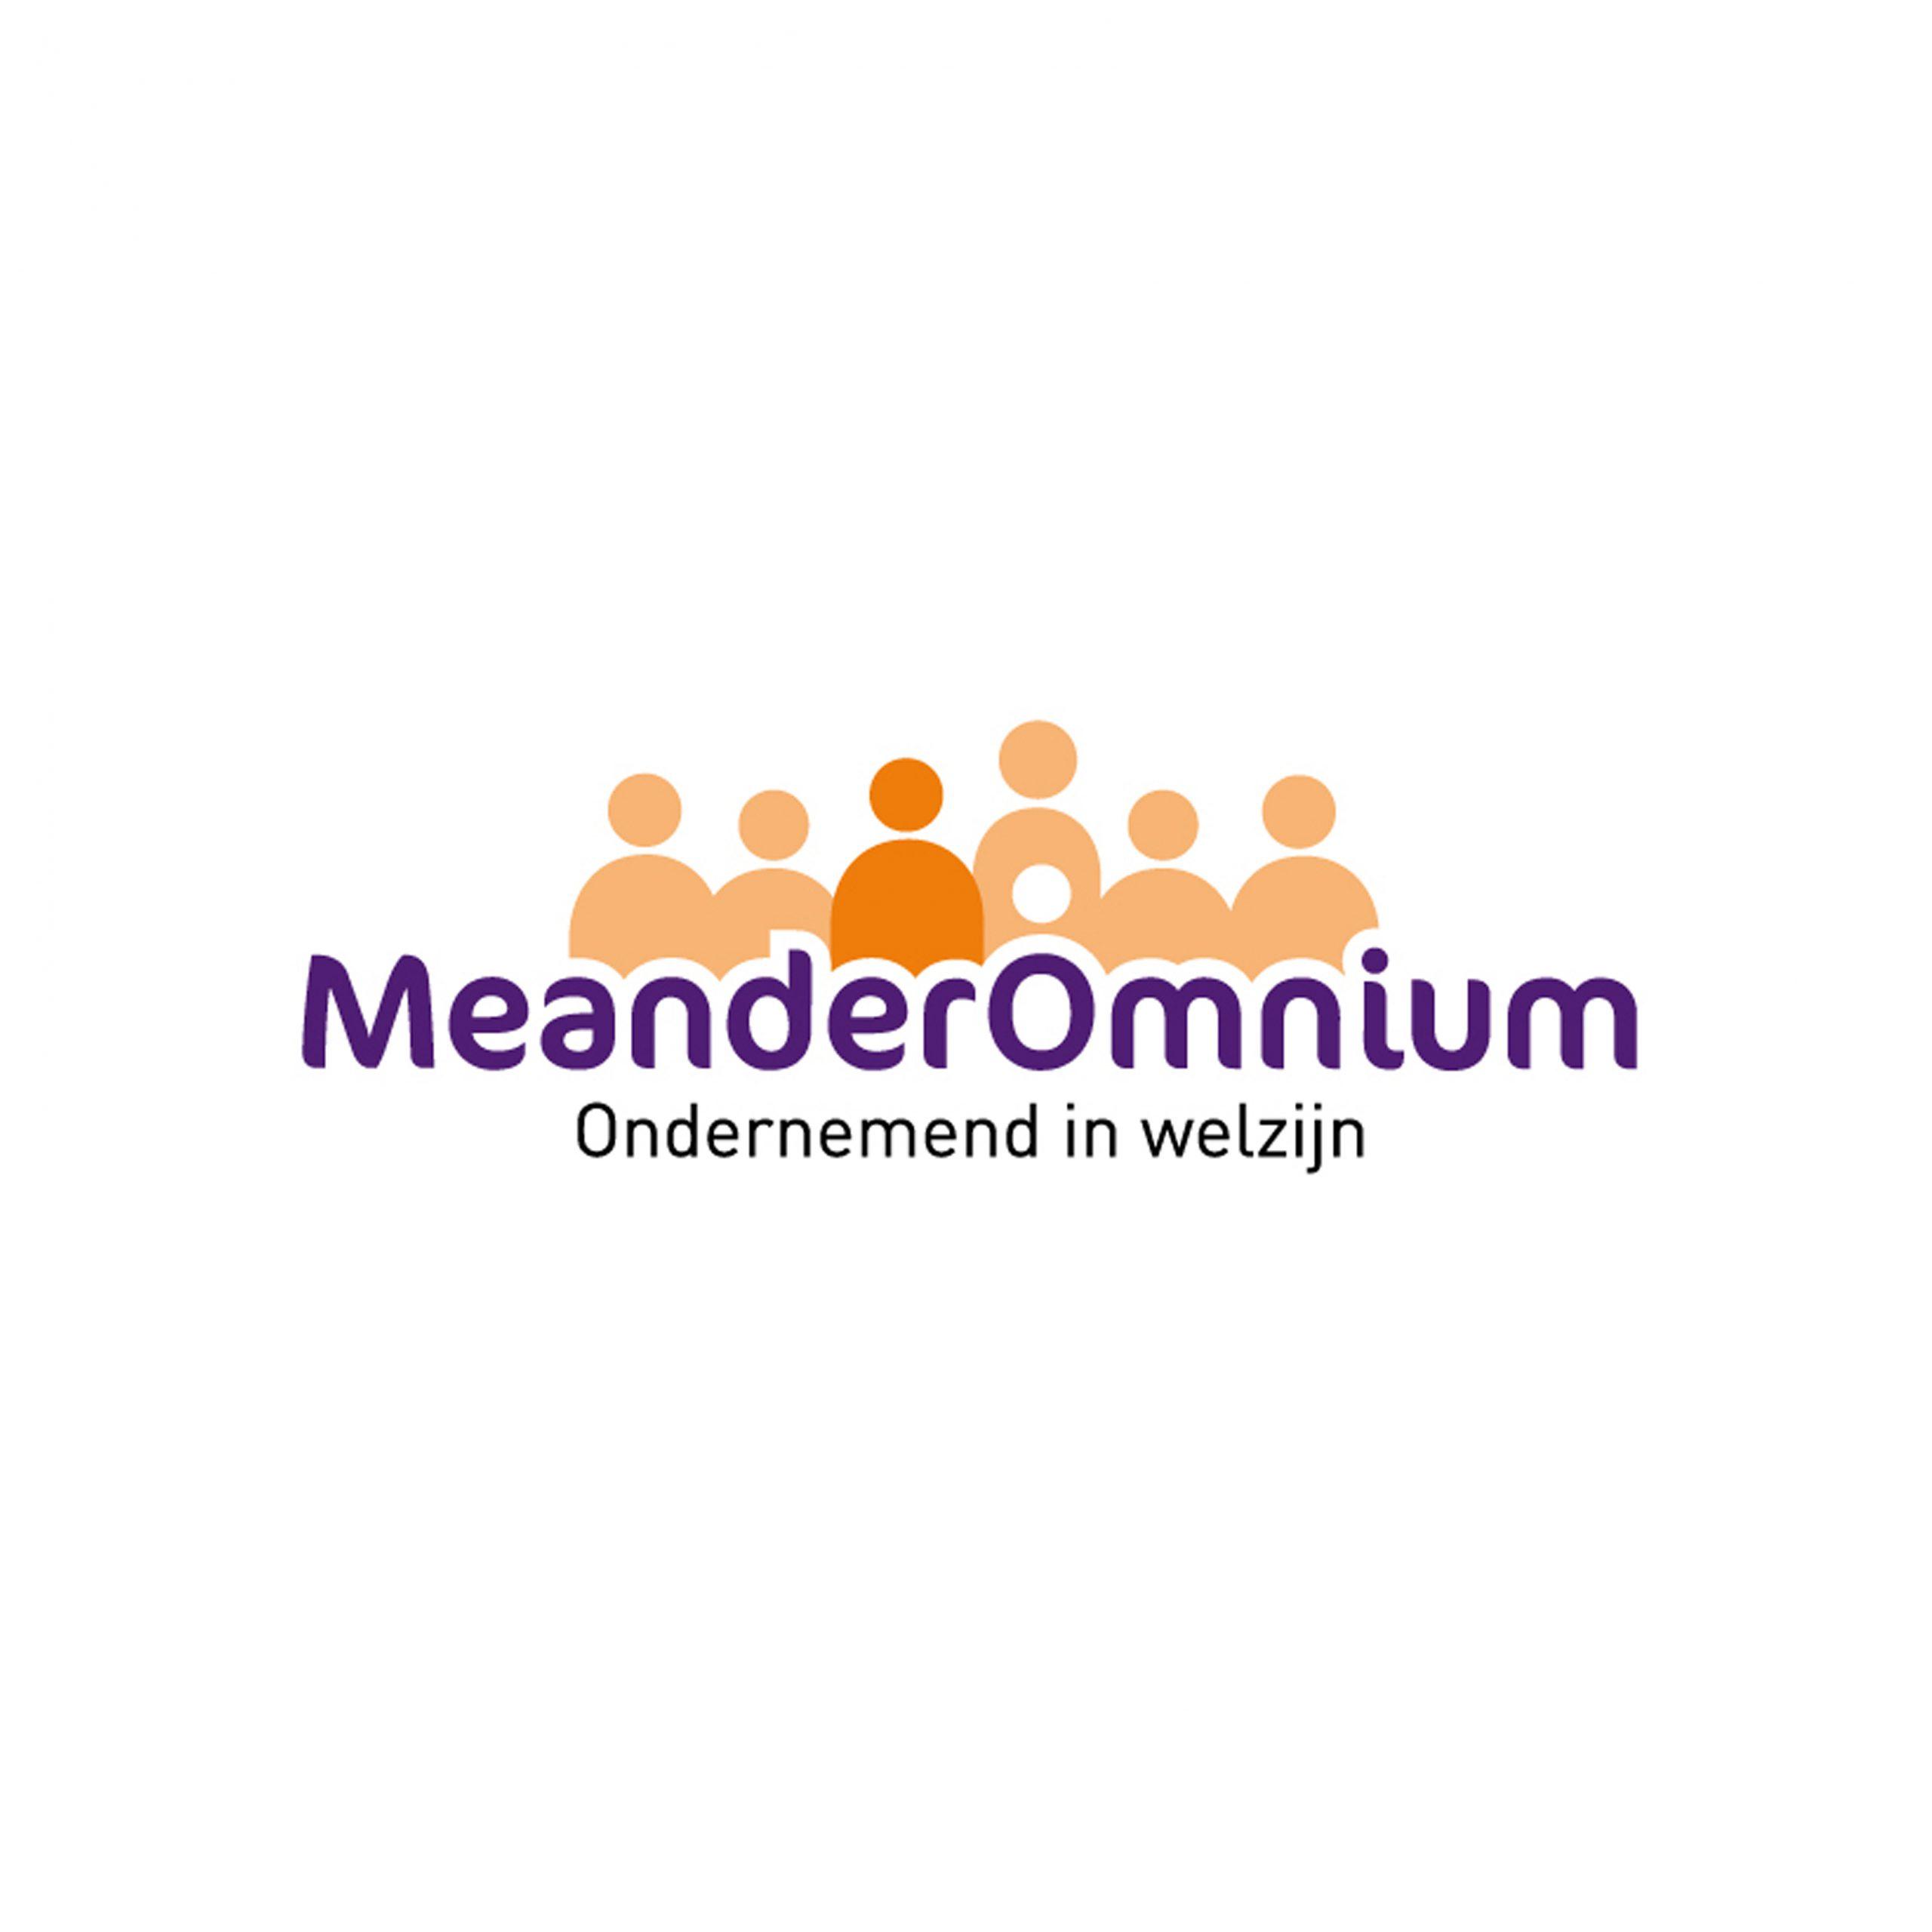 MeanderOmnium